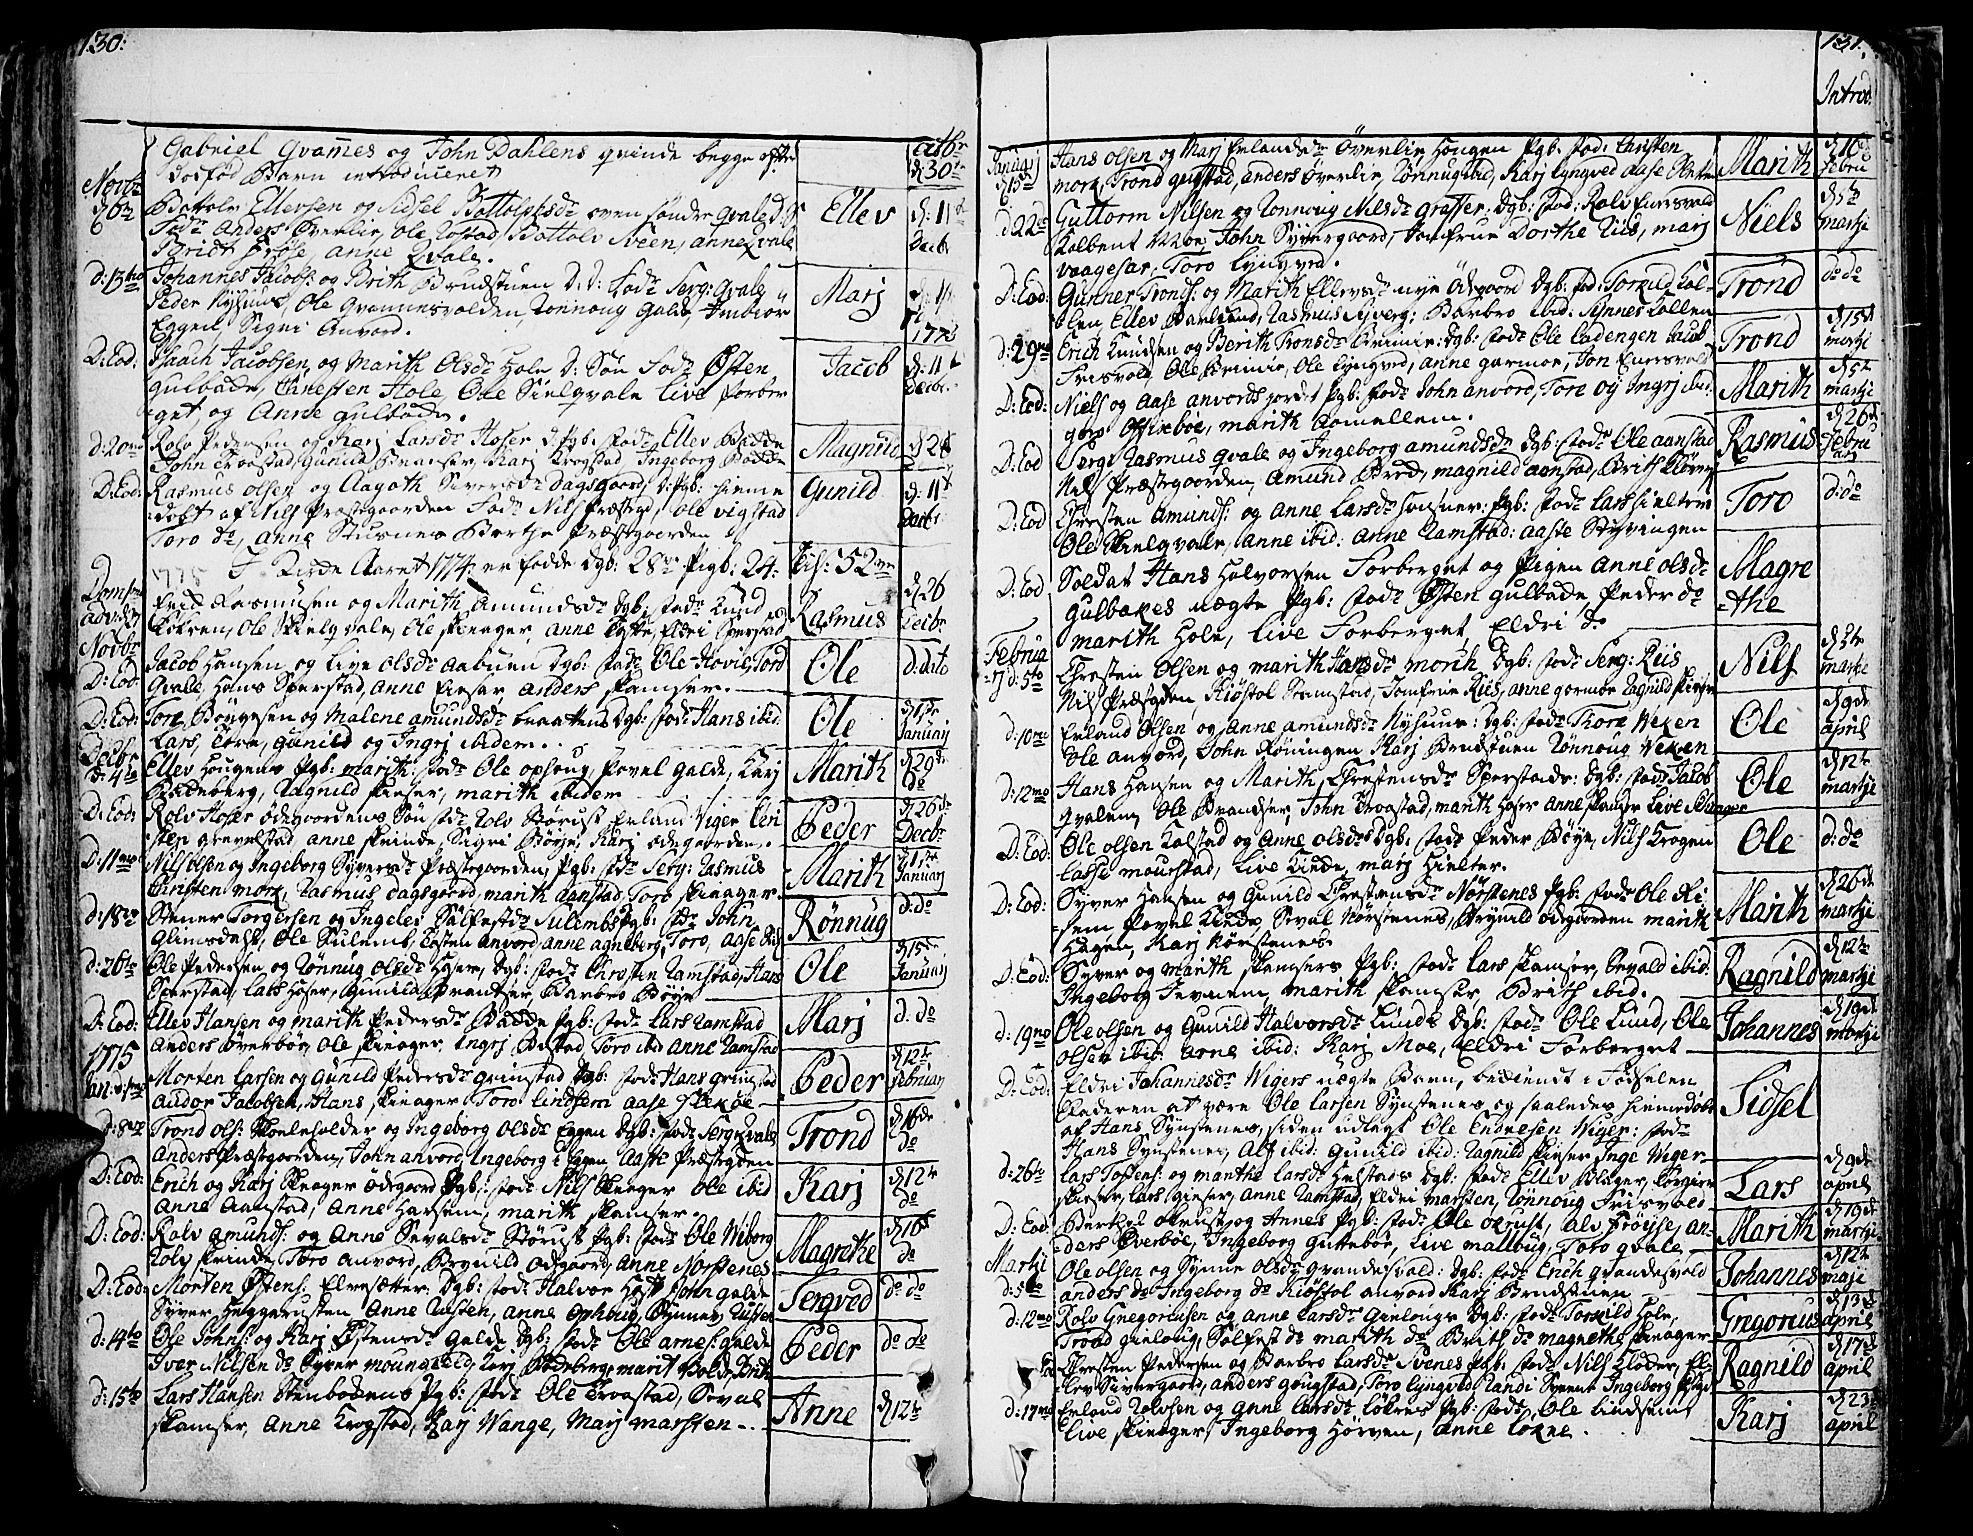 SAH, Lom prestekontor, K/L0002: Ministerialbok nr. 2, 1749-1801, s. 130-131